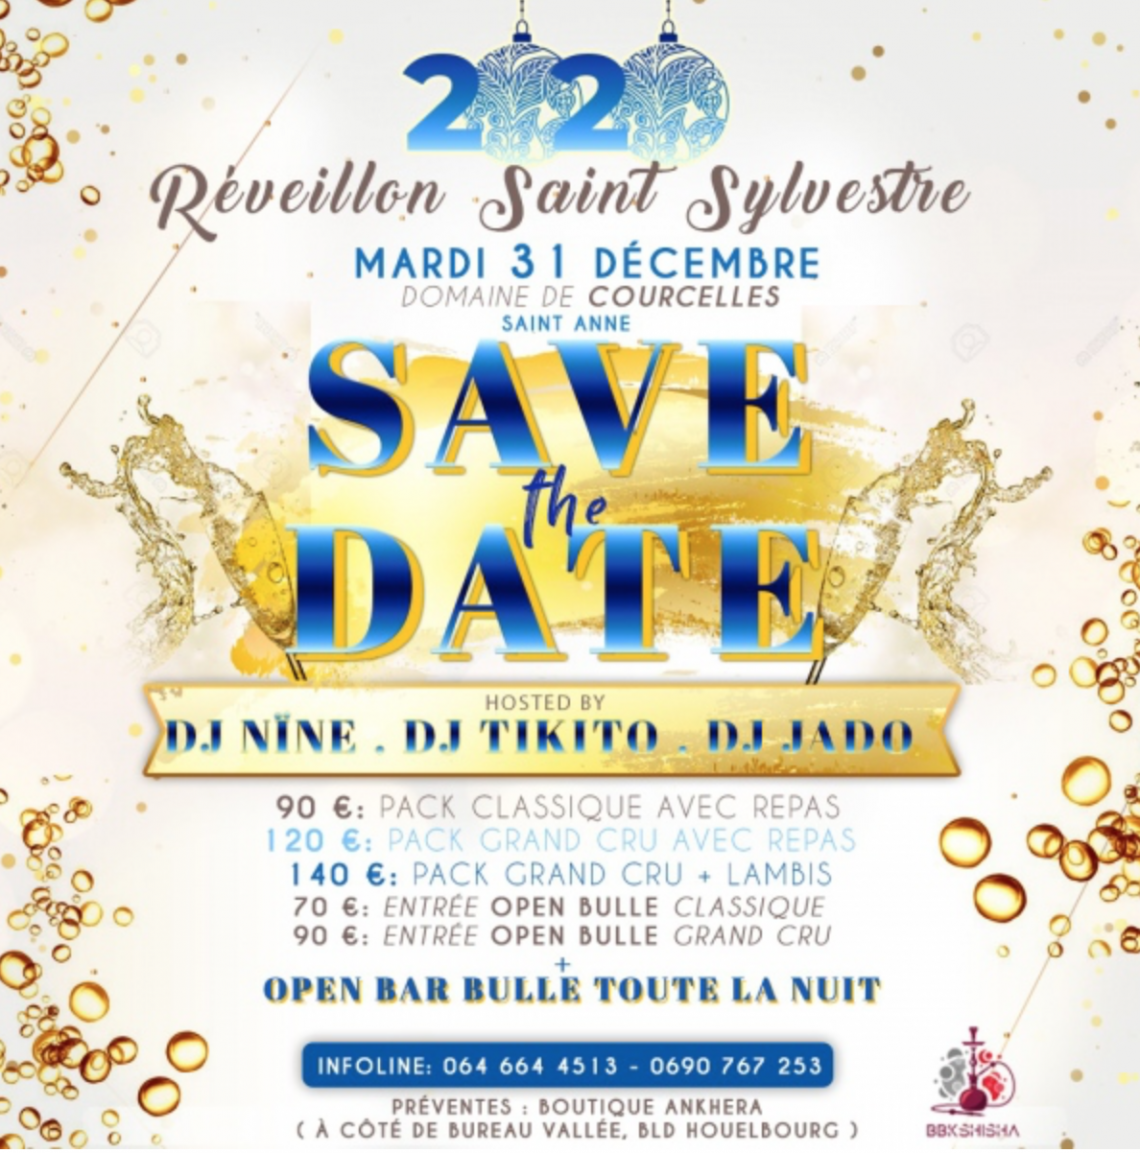 31DécembreAllInclusive- Guadeloupe Réveillon Saint-sylvestre